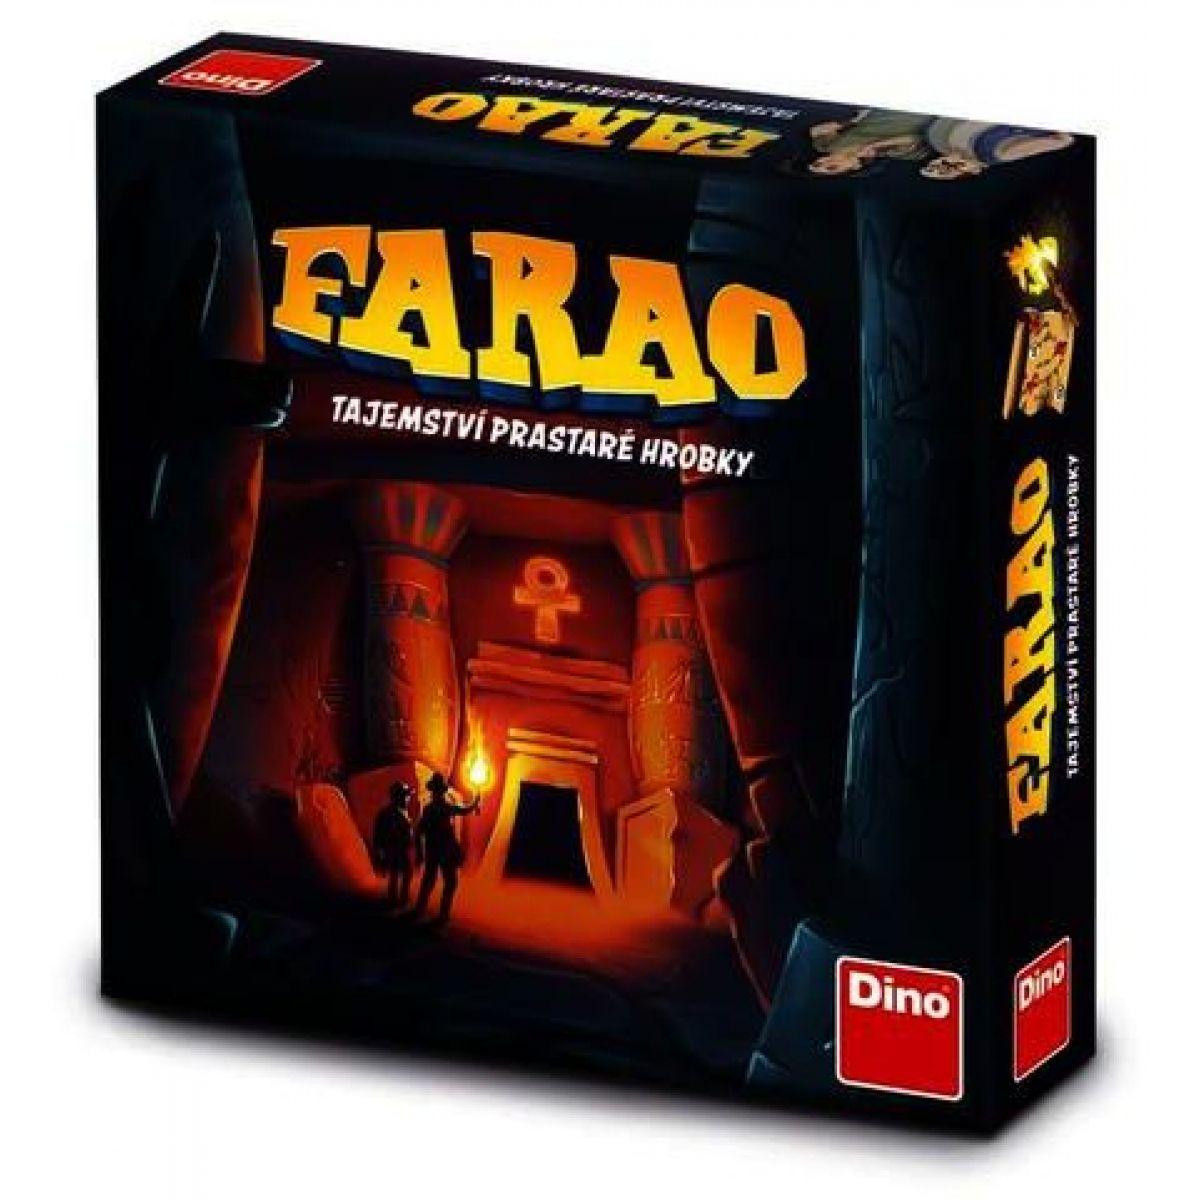 Dino Farao tajemství prastaré hrobky rodinná hra